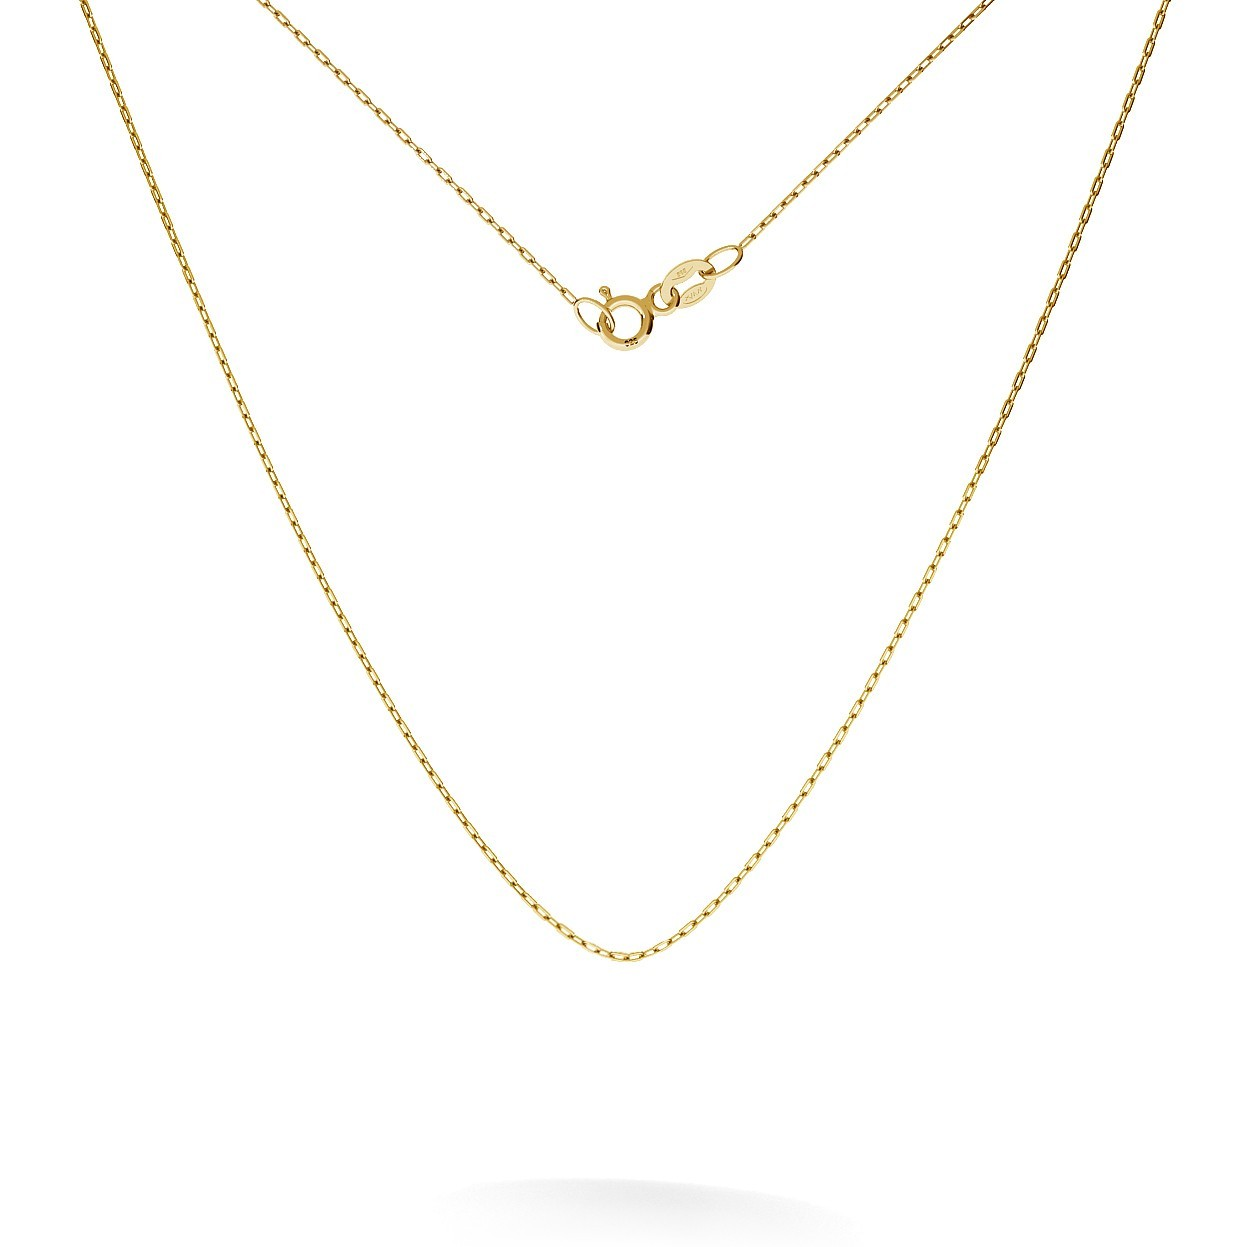 Złoty łańcuszek ankier 45 cm, au 585